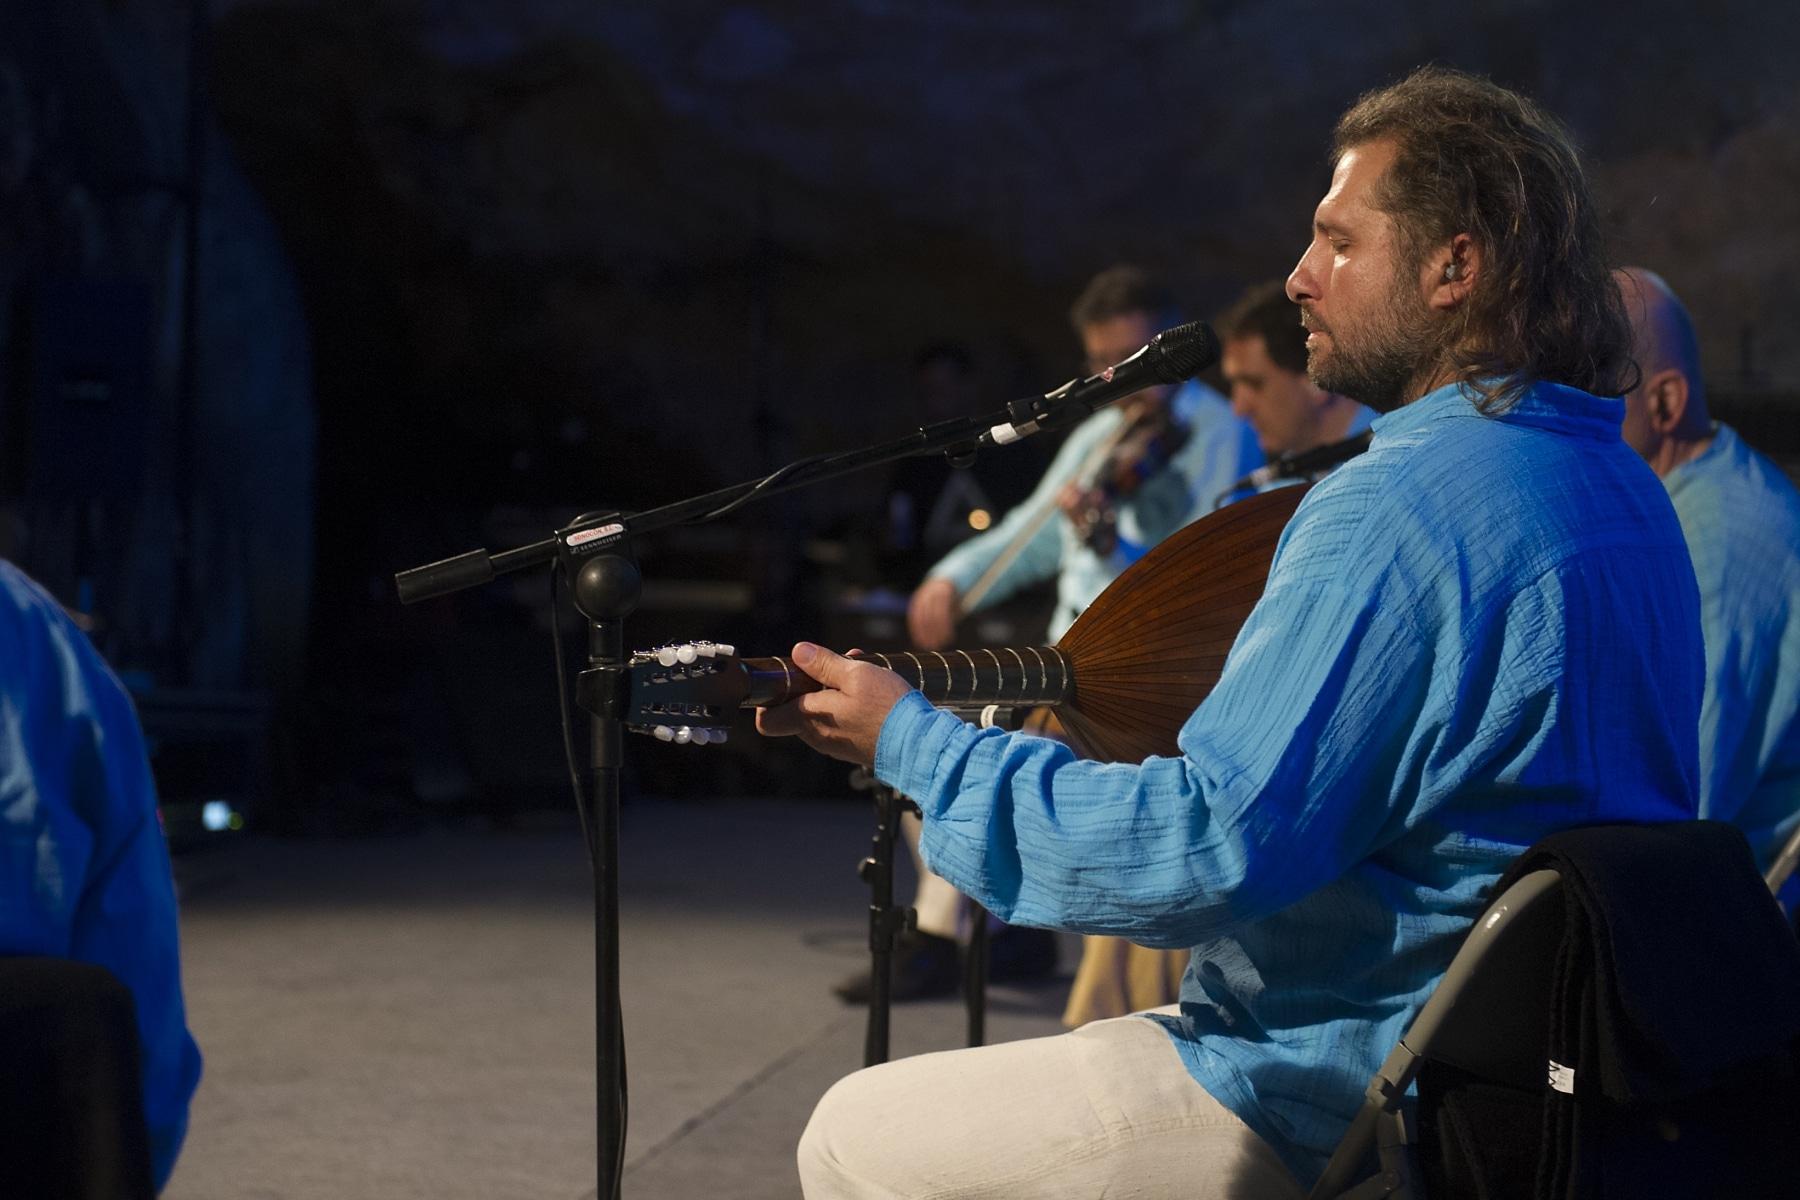 gibraltar-world-music-festival-dia-1-en-chordais-04_9225433570_o